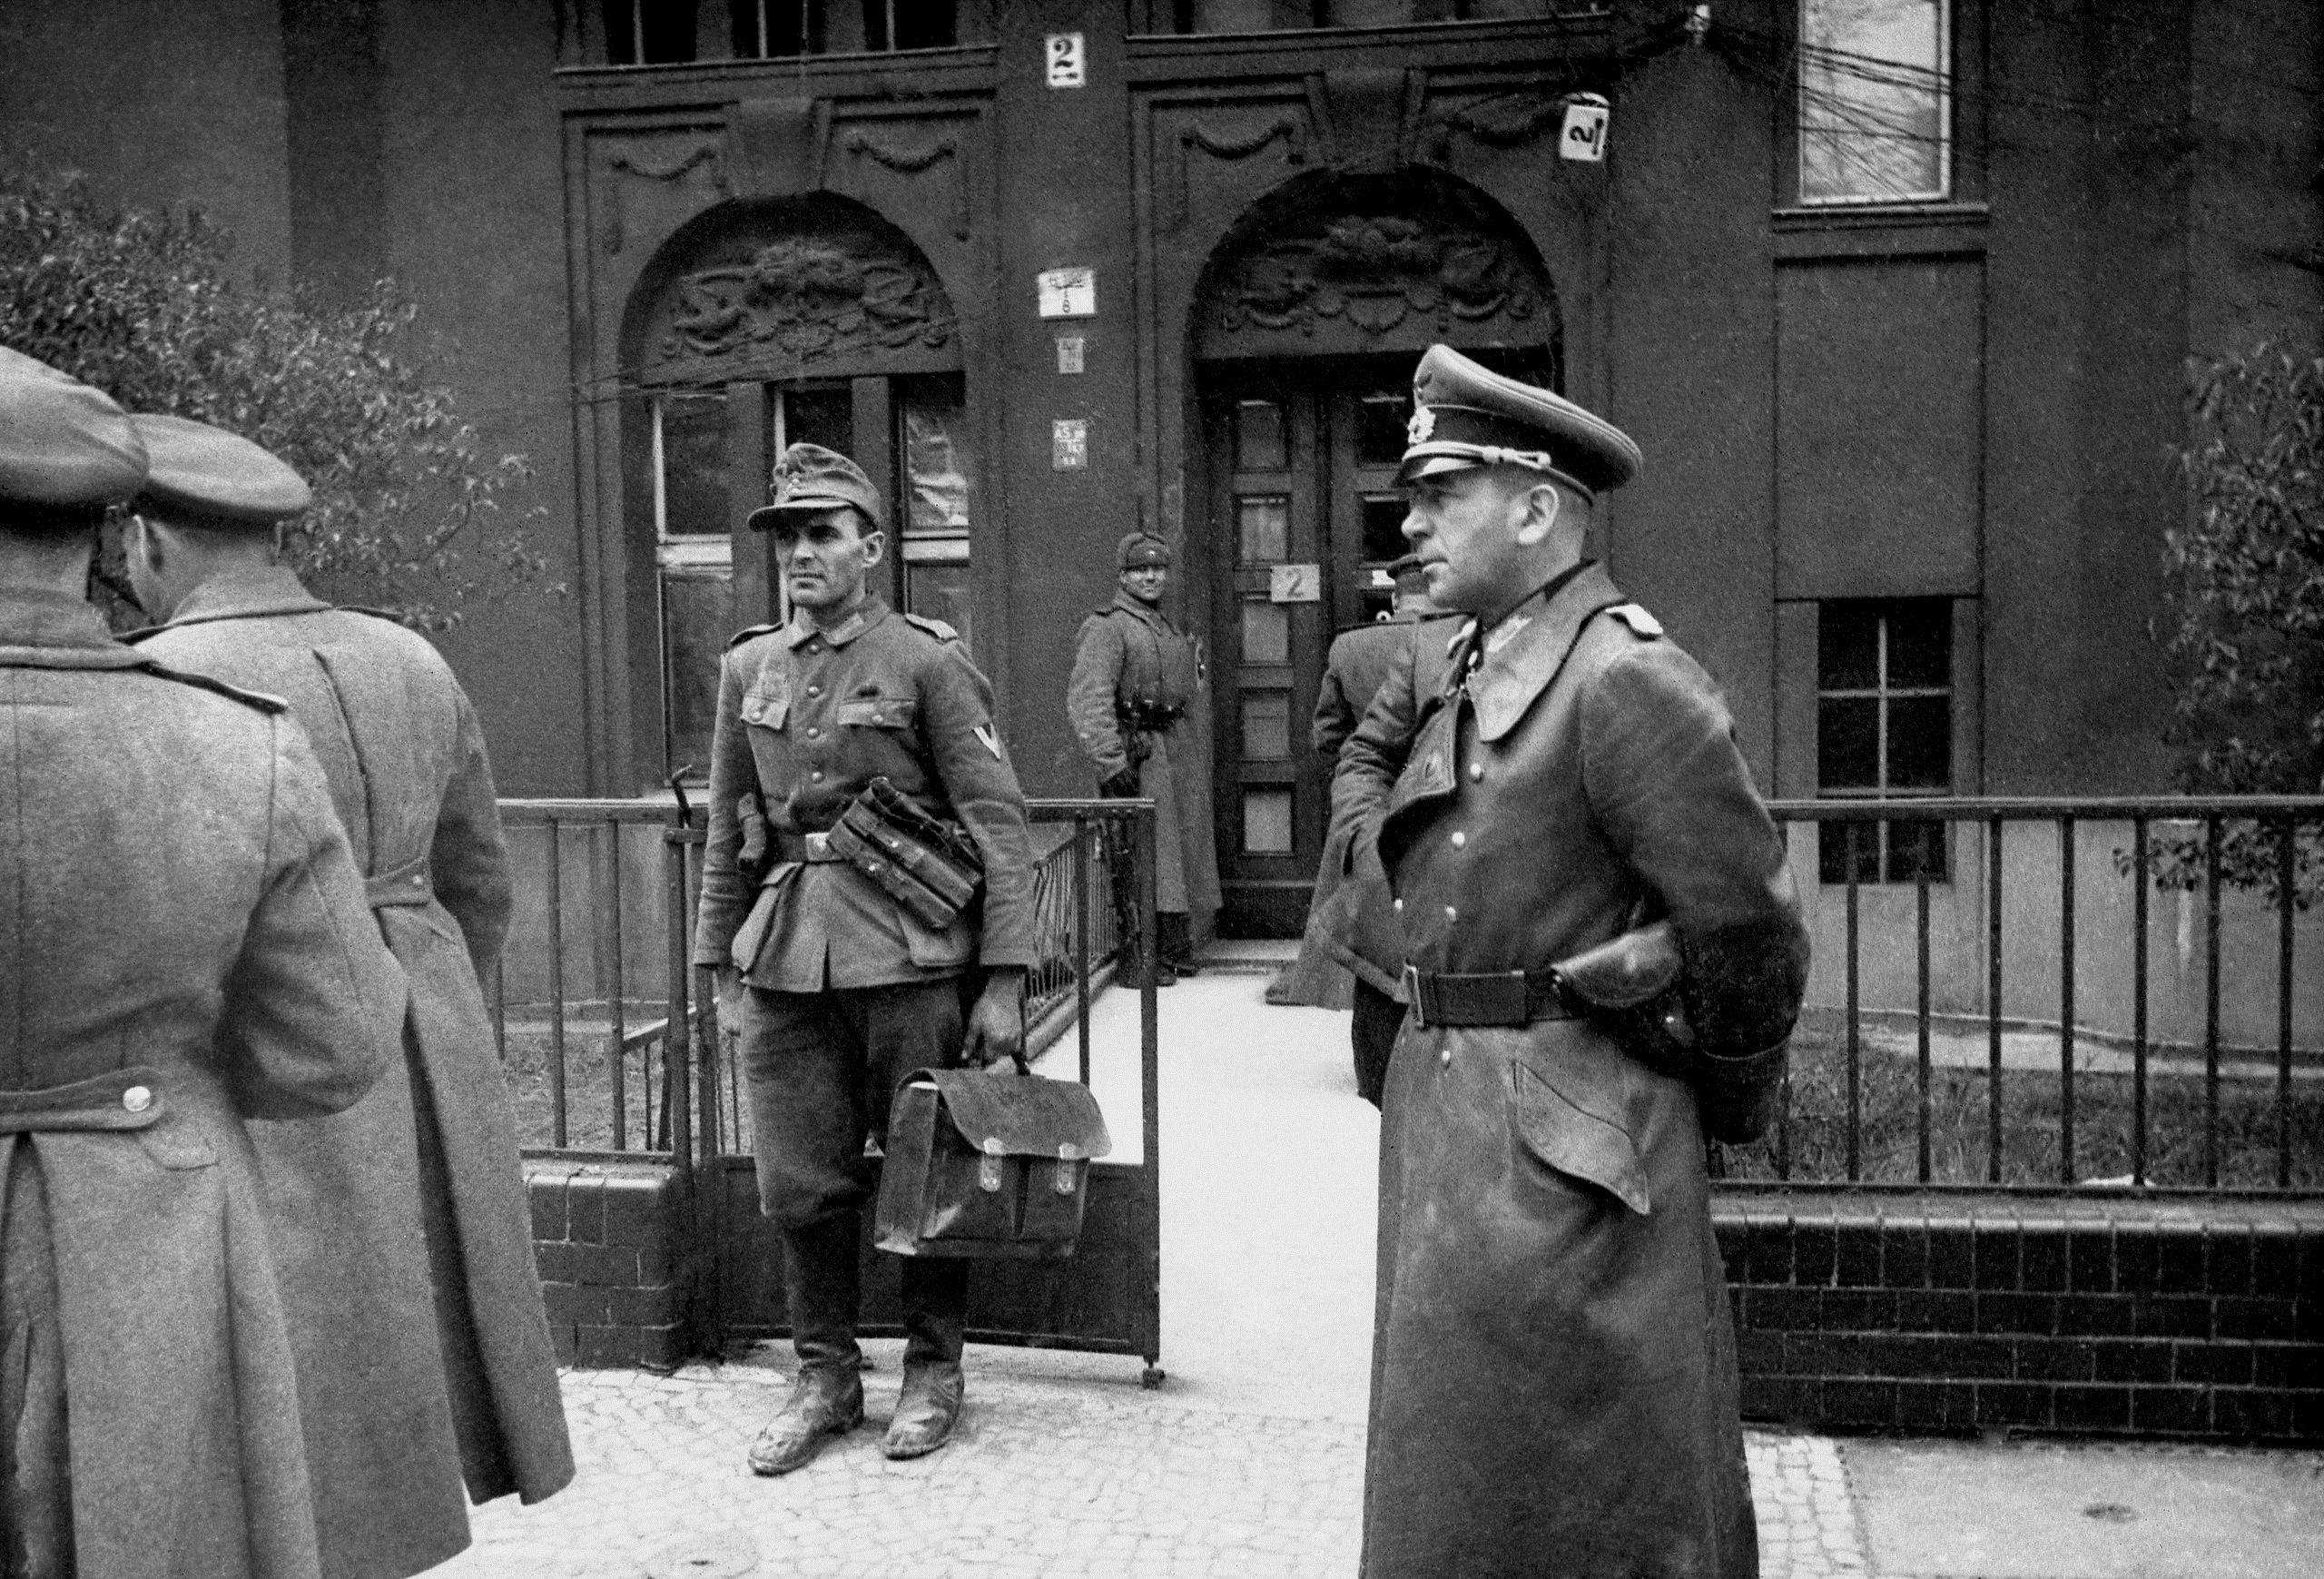 1945. Начальник генерального штаба германских сухопутных войск генерал-лейтенант пехоты Ганс Кребс у штаба советских войск в Берлине.